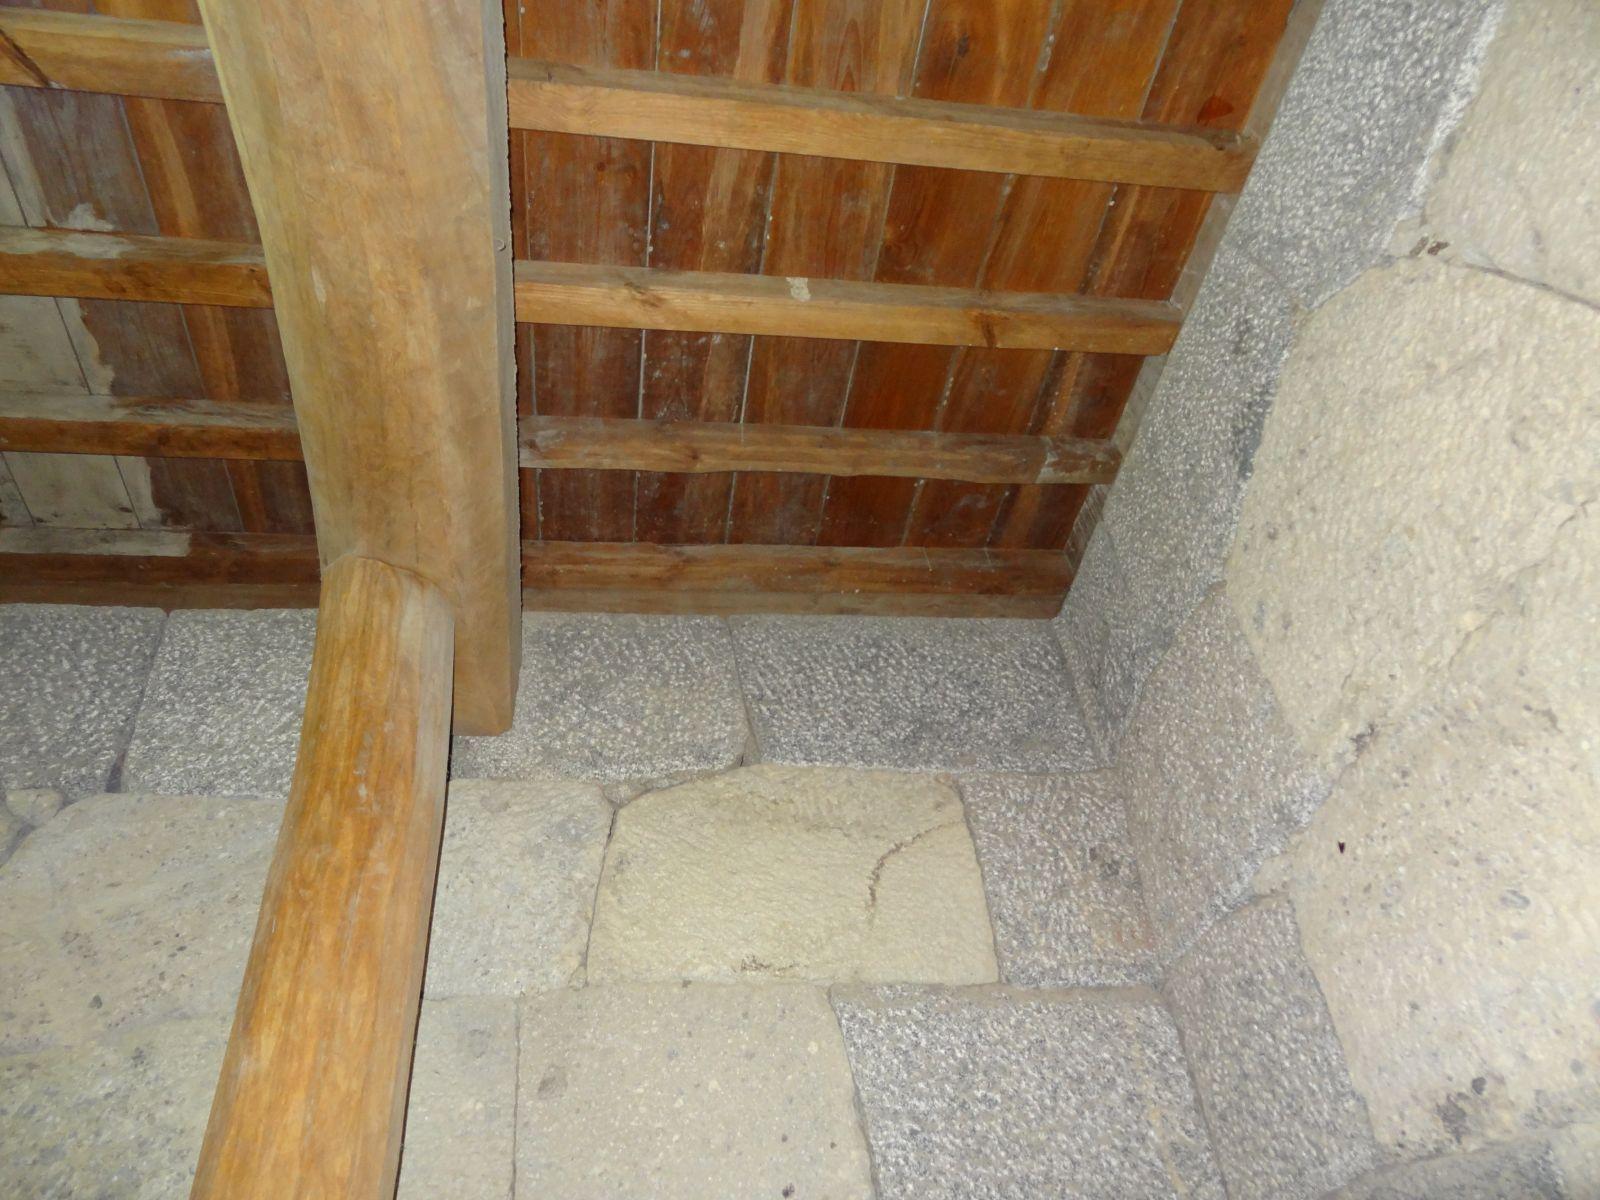 松山城天守閣地下一階(米蔵)の写真です。クリックすると拡大します。